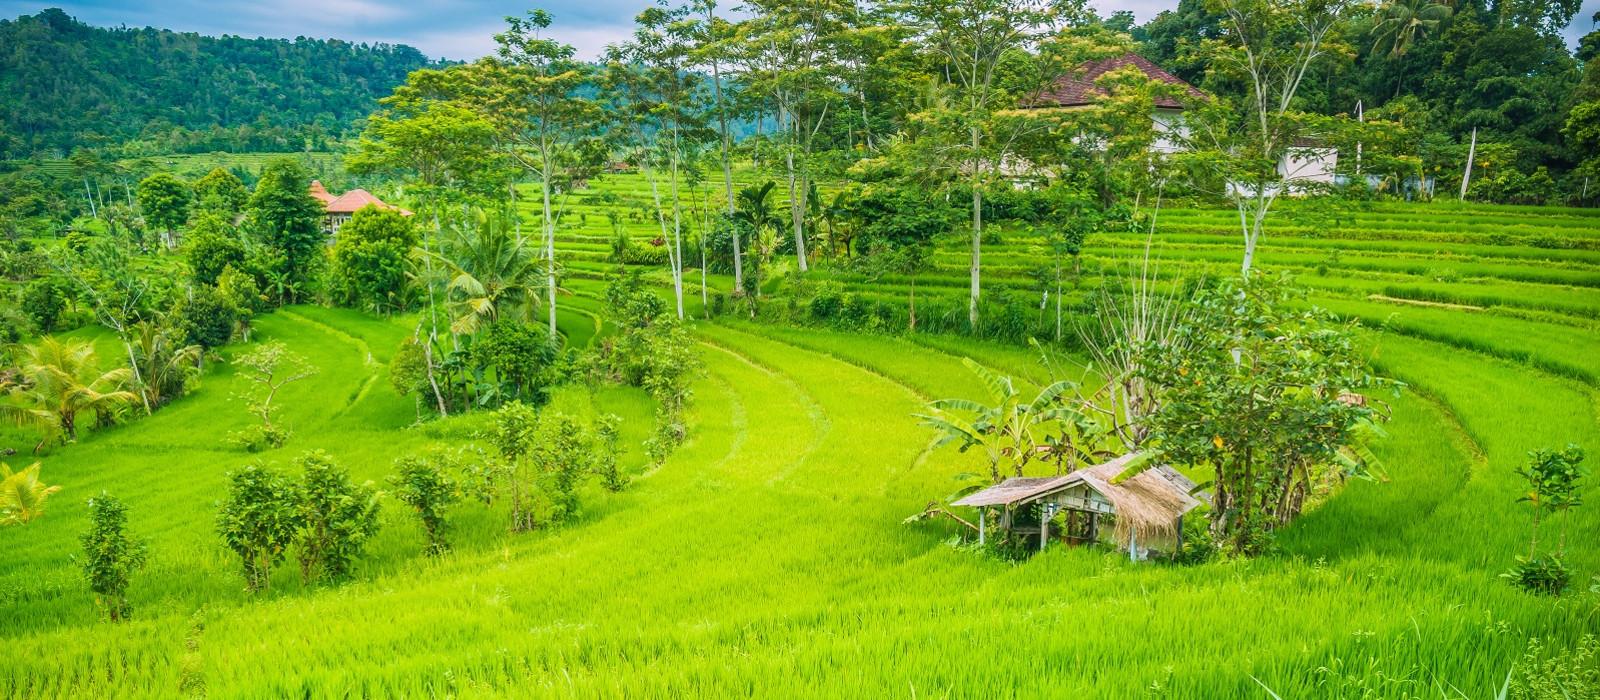 Reiseziel Sidemen Indonesien